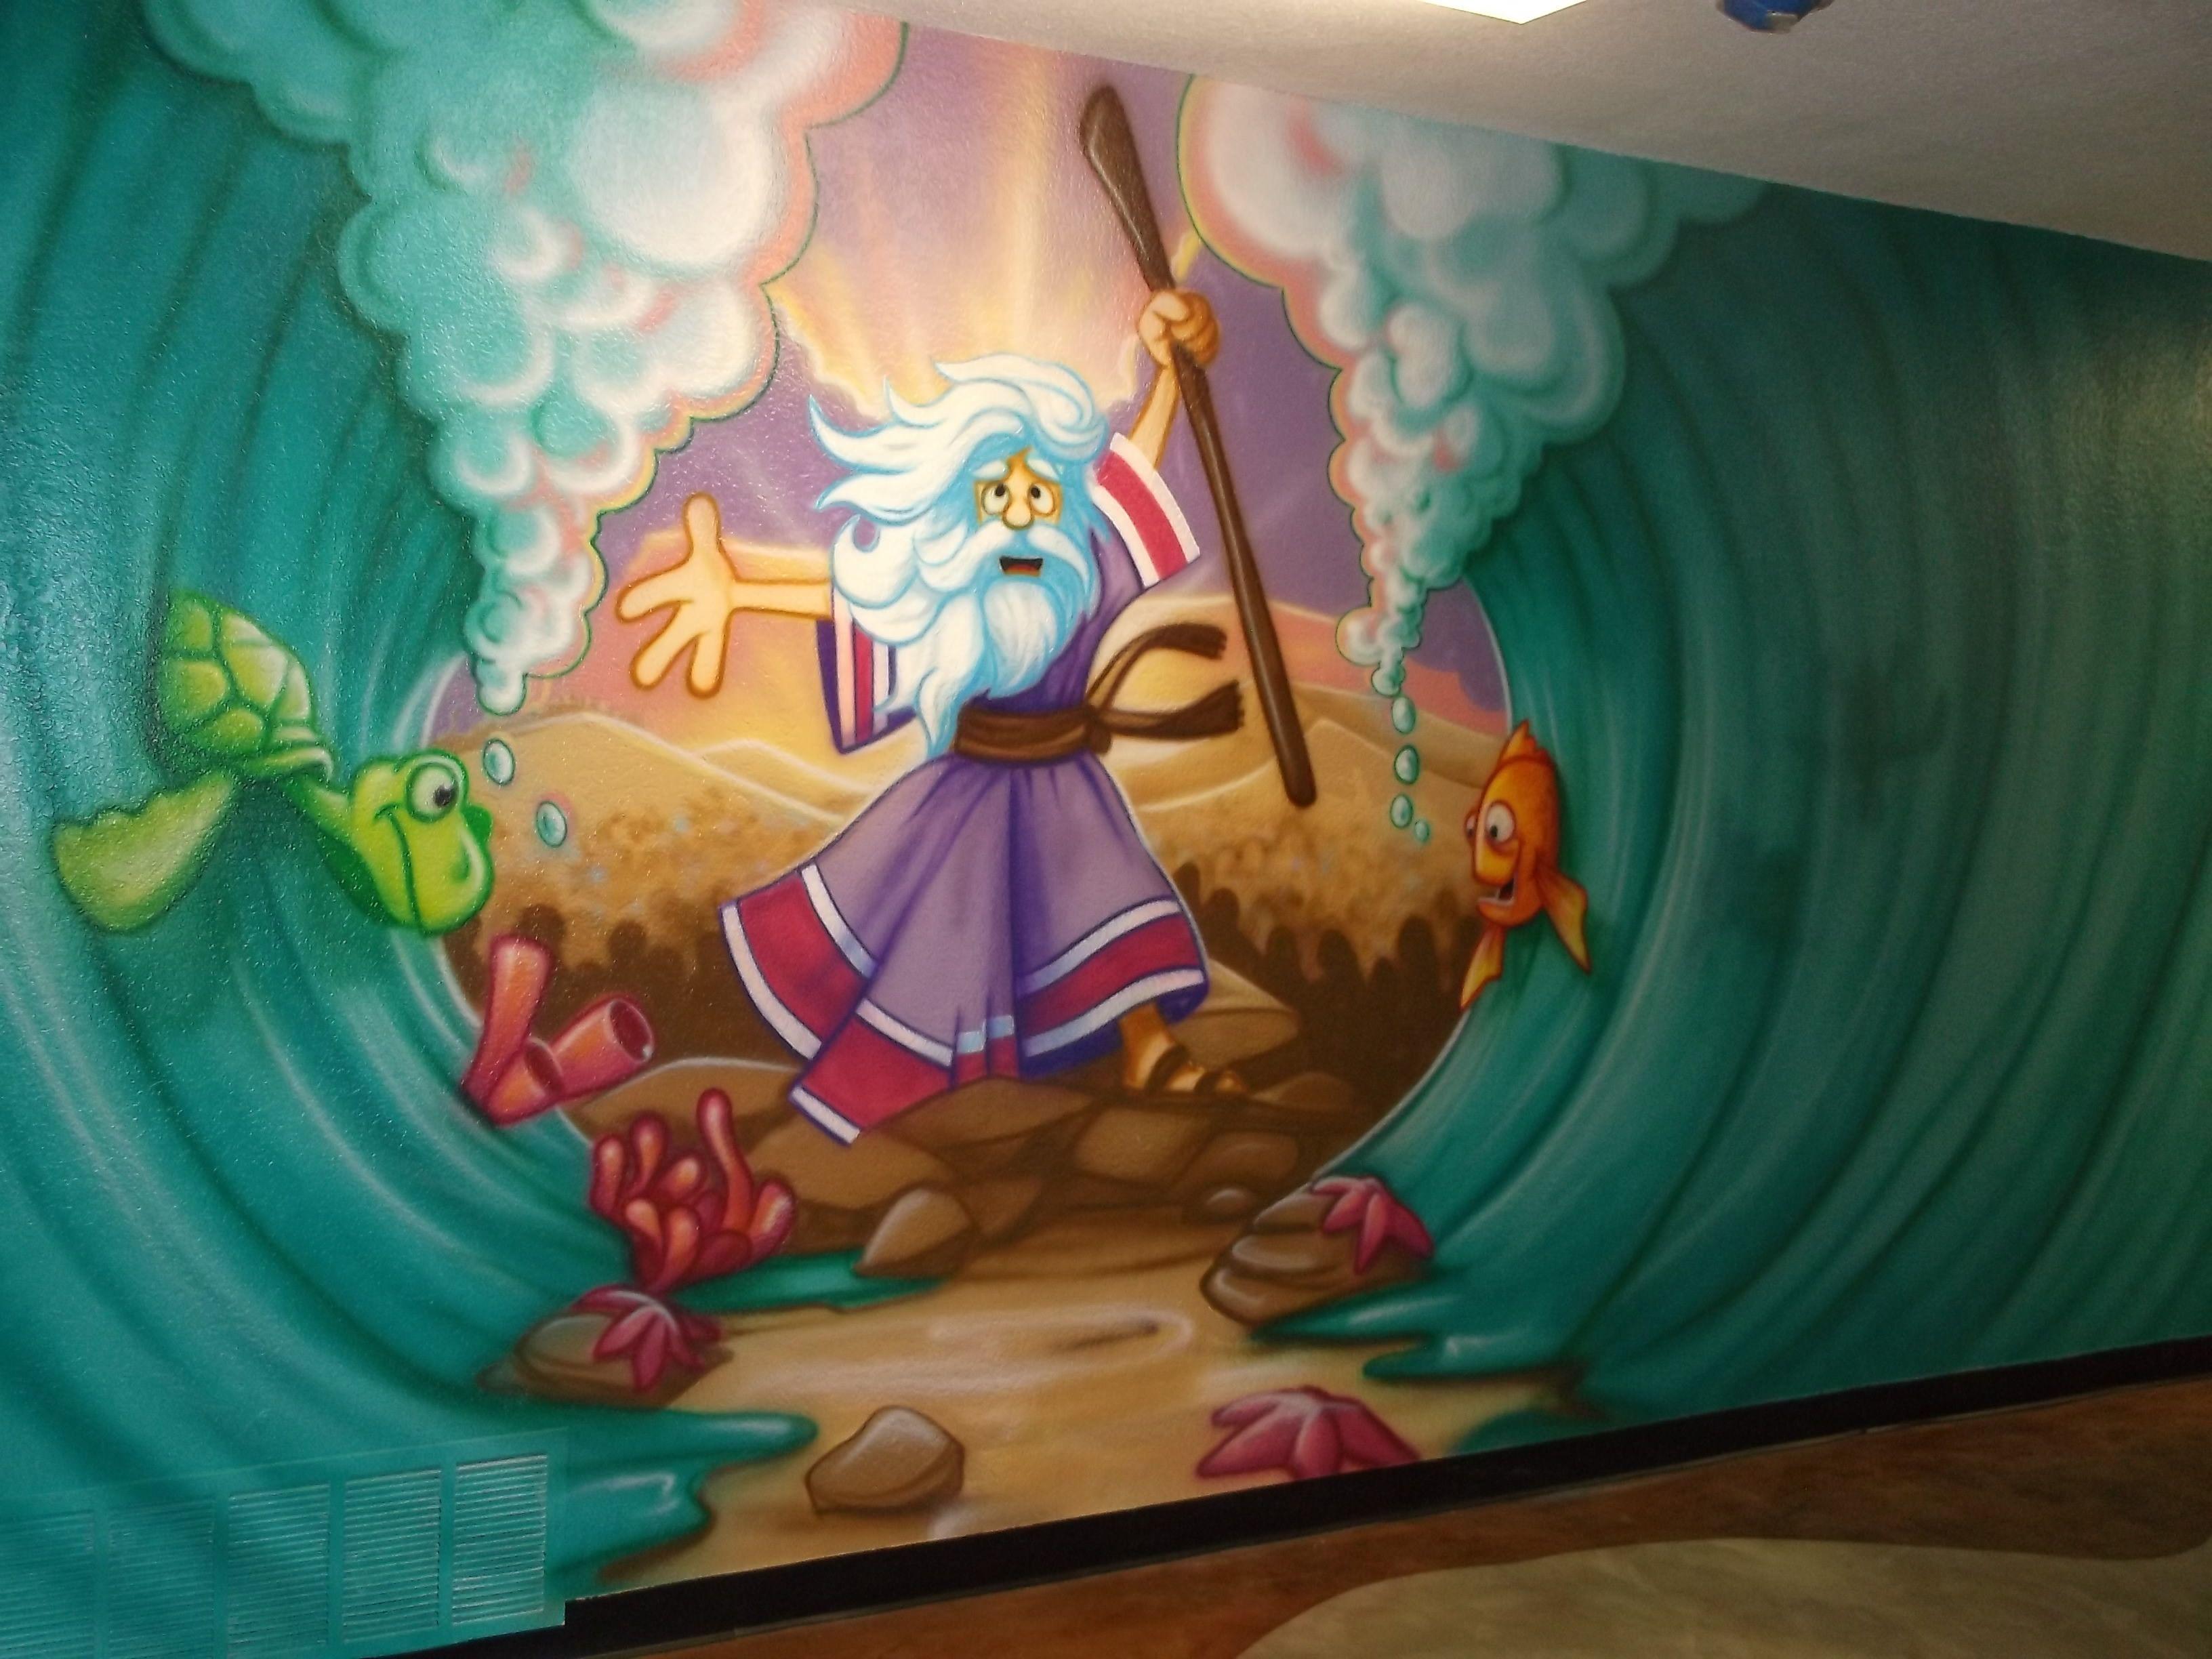 Wall Murals Bible Stories Google Search Fbc Children